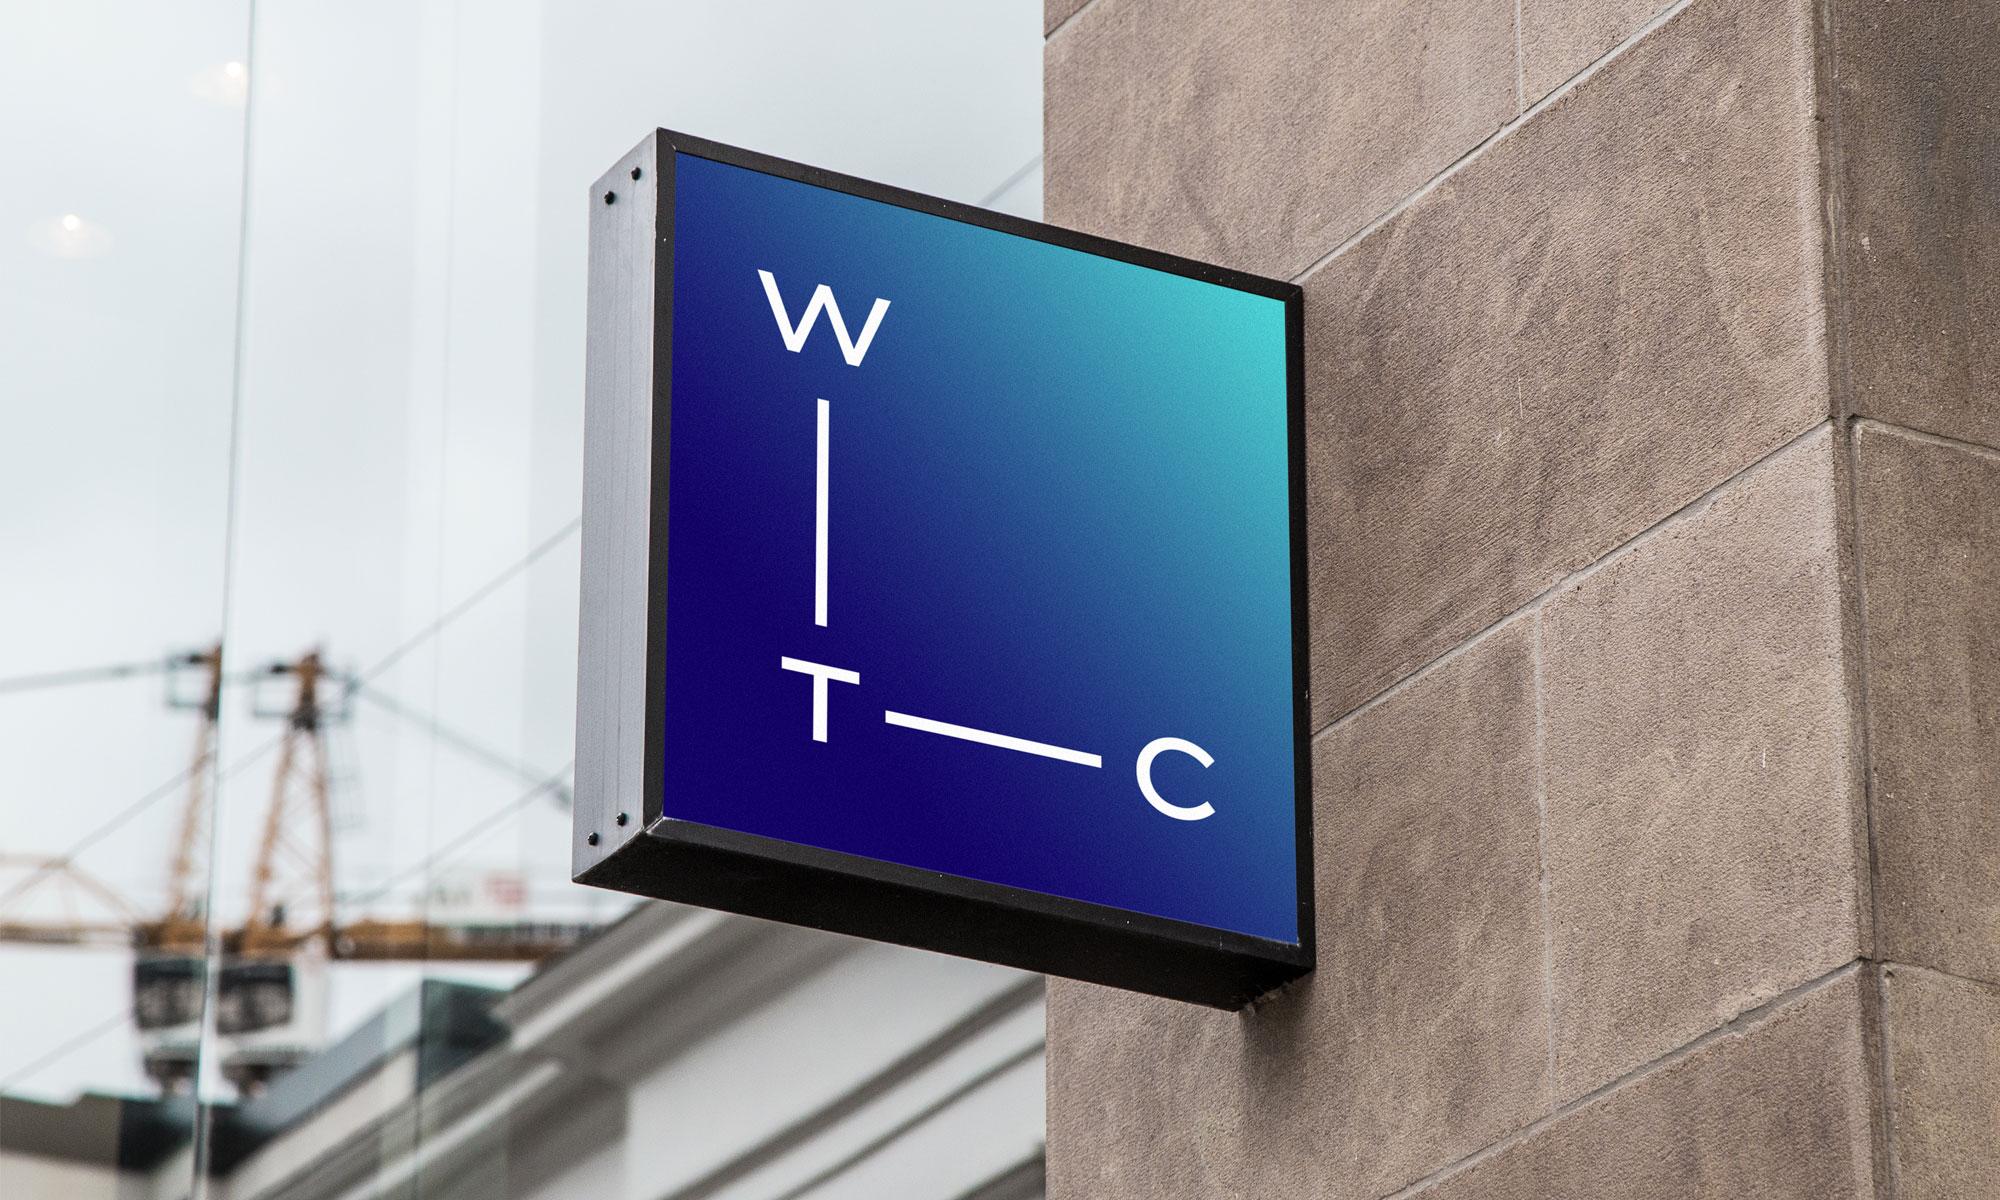 WTC signage